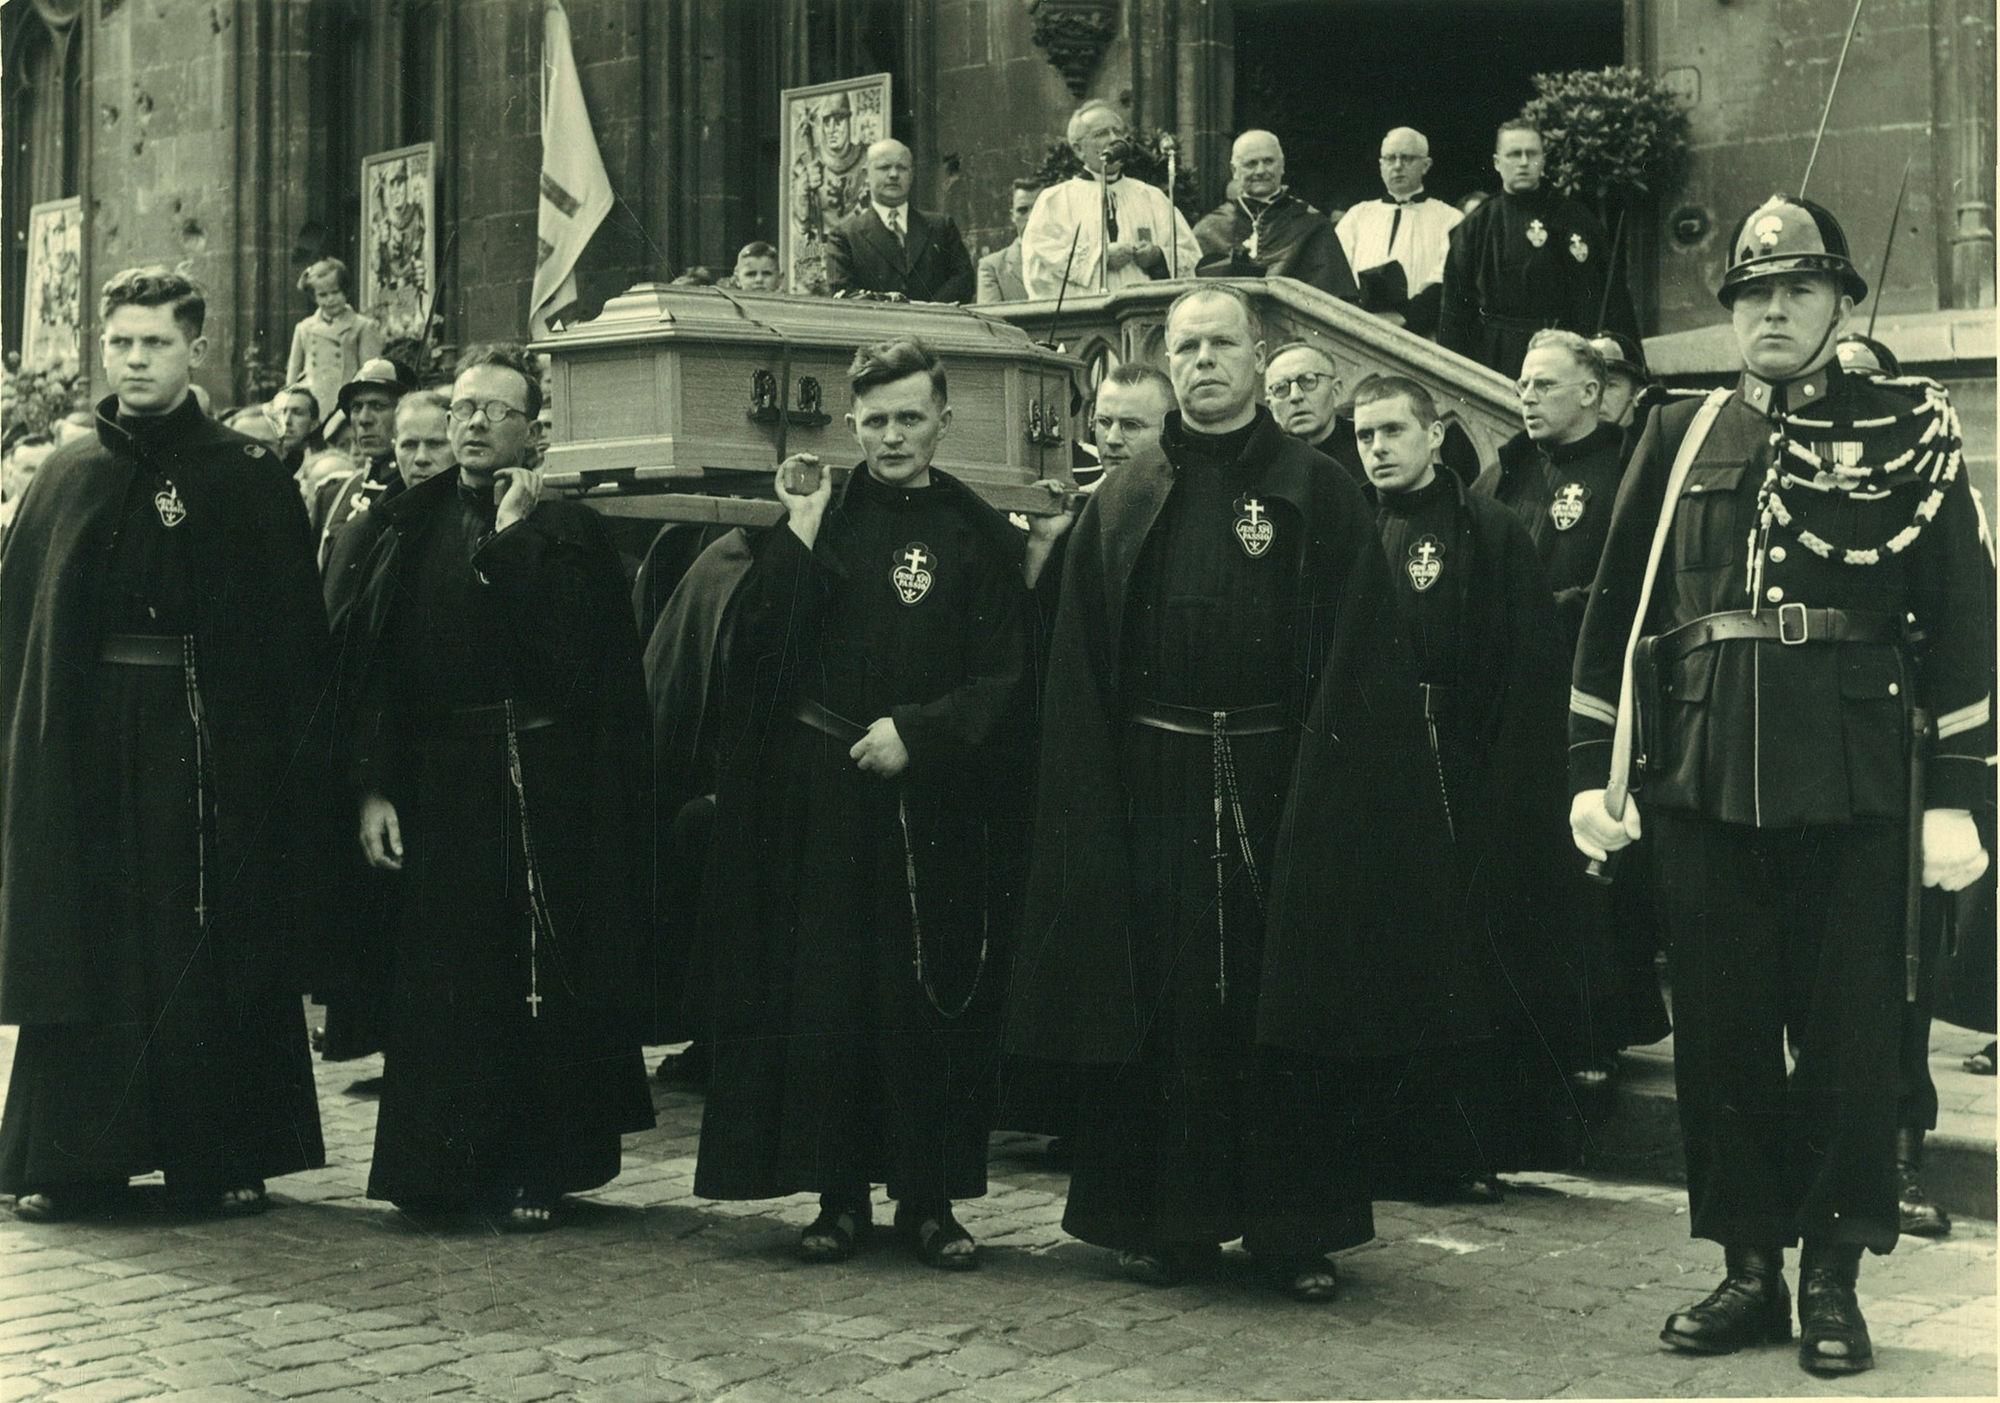 Overbrenging stoffelijk overschot van Broeder Isidoor op 8 juni 1952 van het Sint-Janskerkhof naar de grafkapel Passionisten